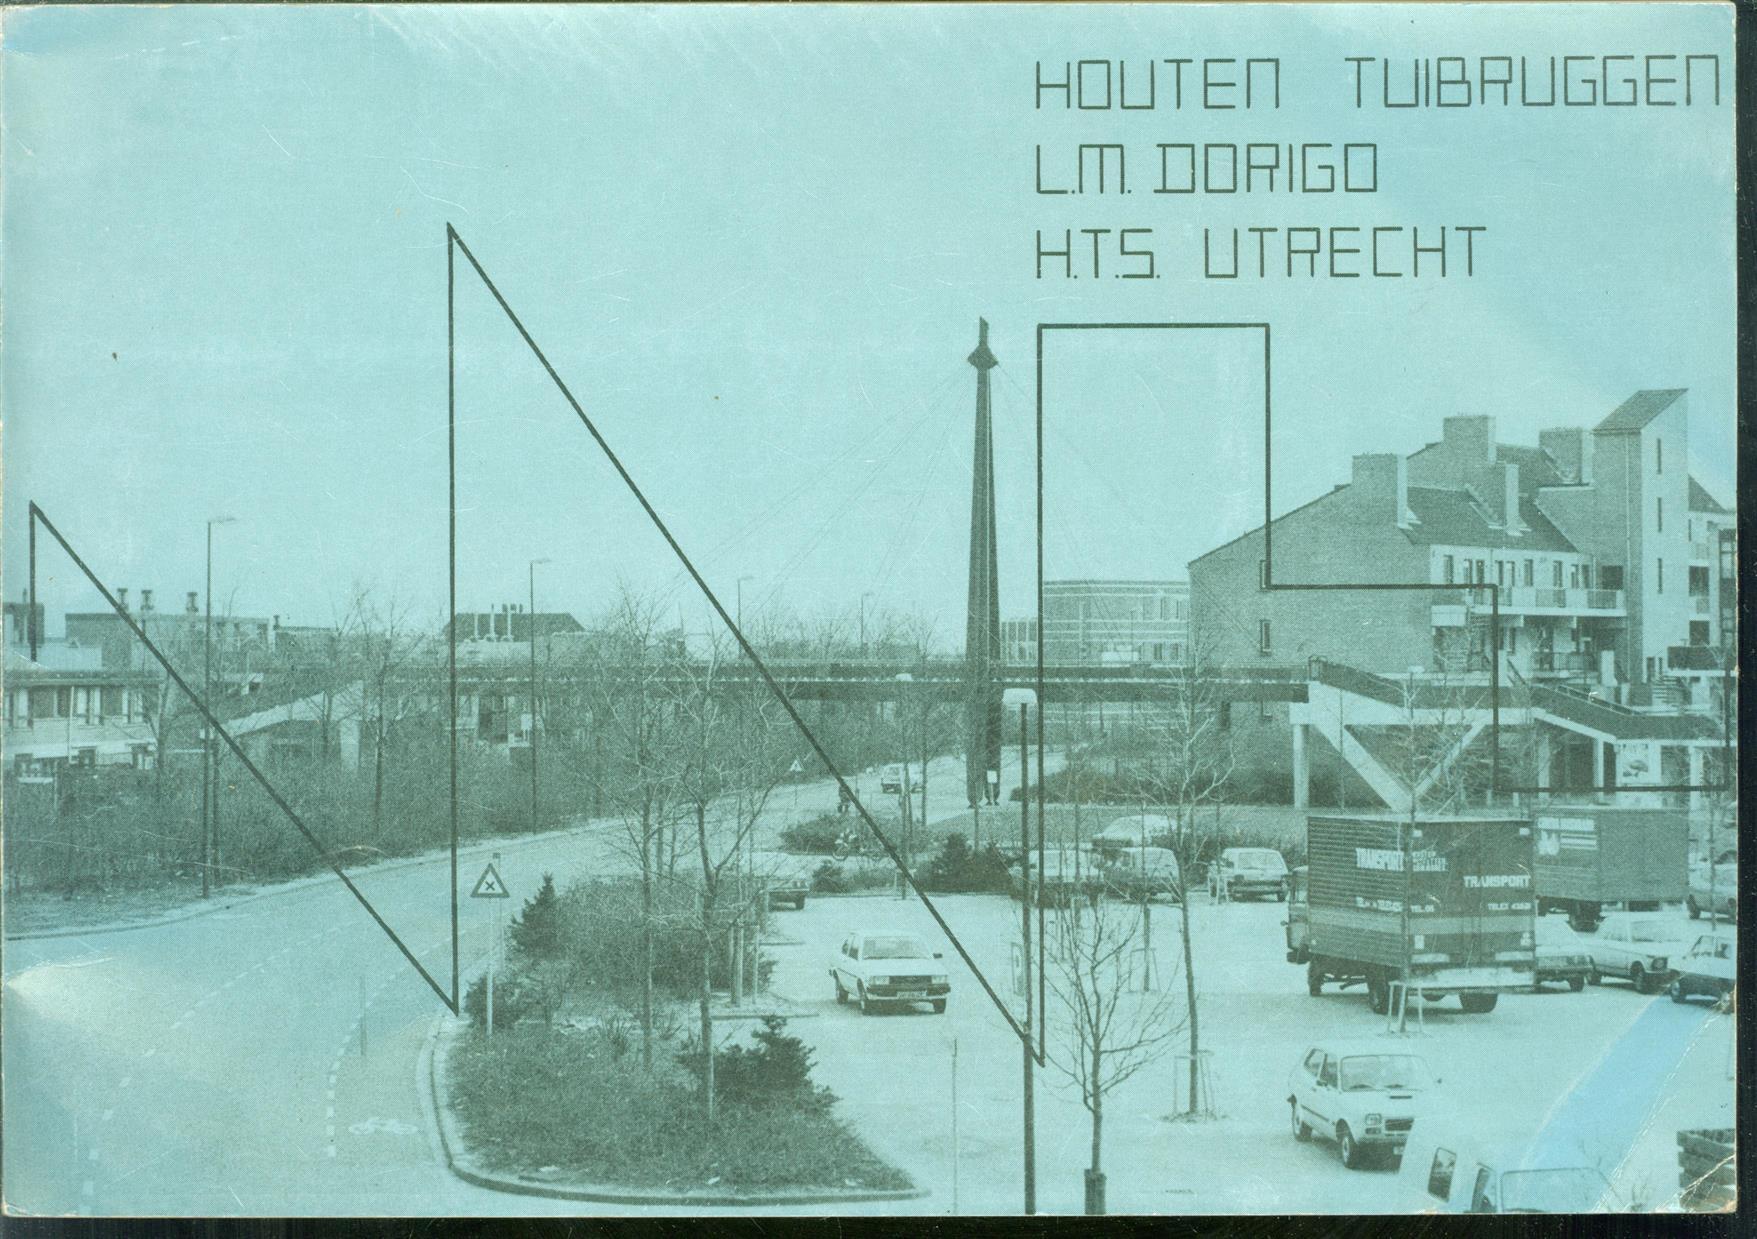 DORIGO, L.M. - Houten Tuibruggen